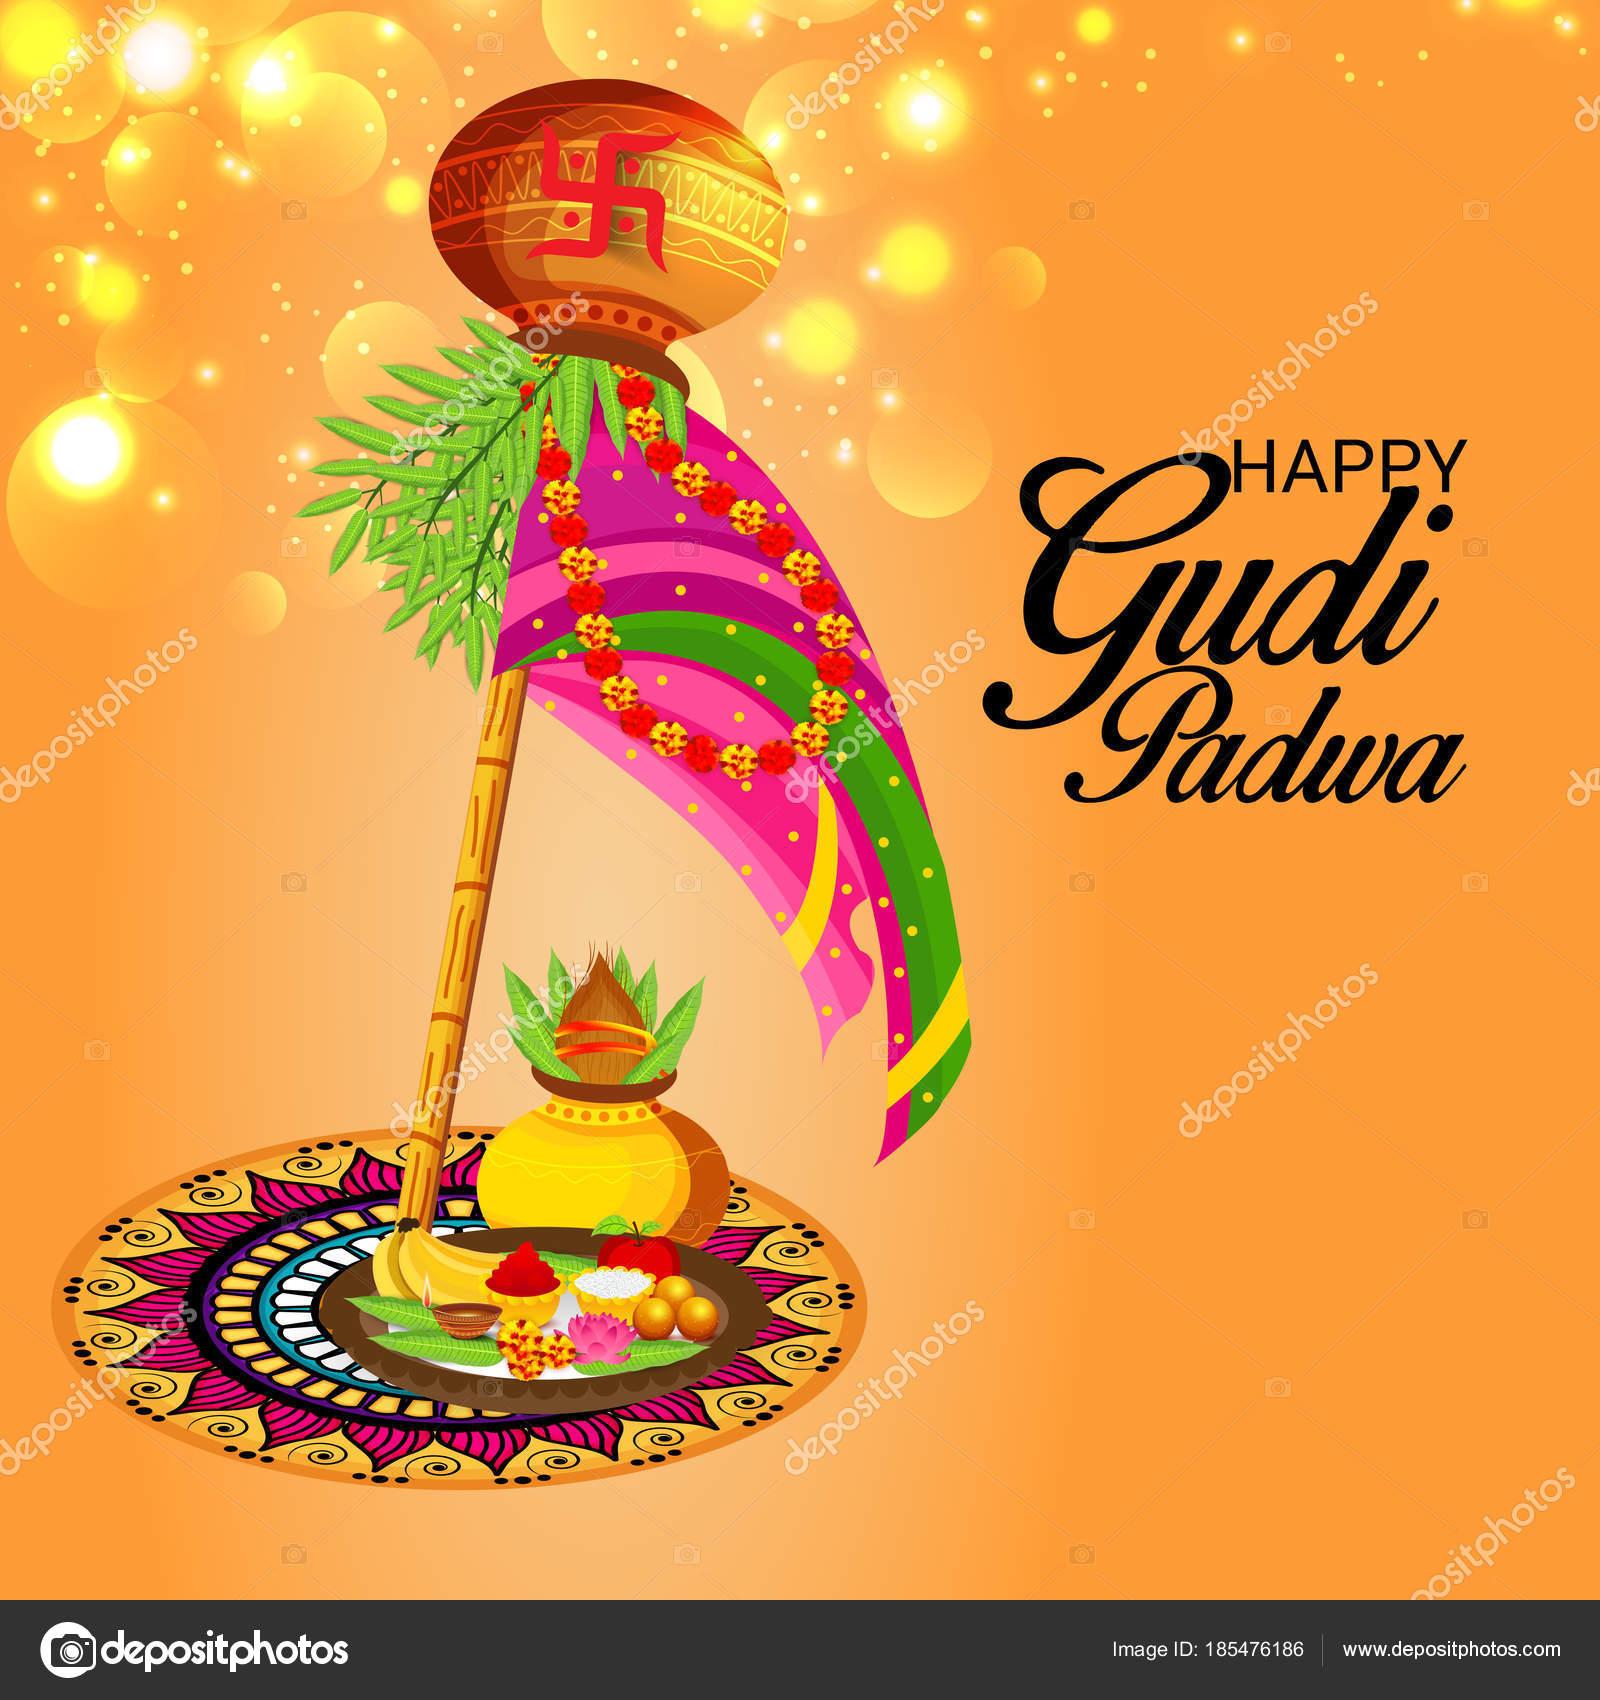 Happy Gudi Padwa Greetings Image Collections Greetings Card Design